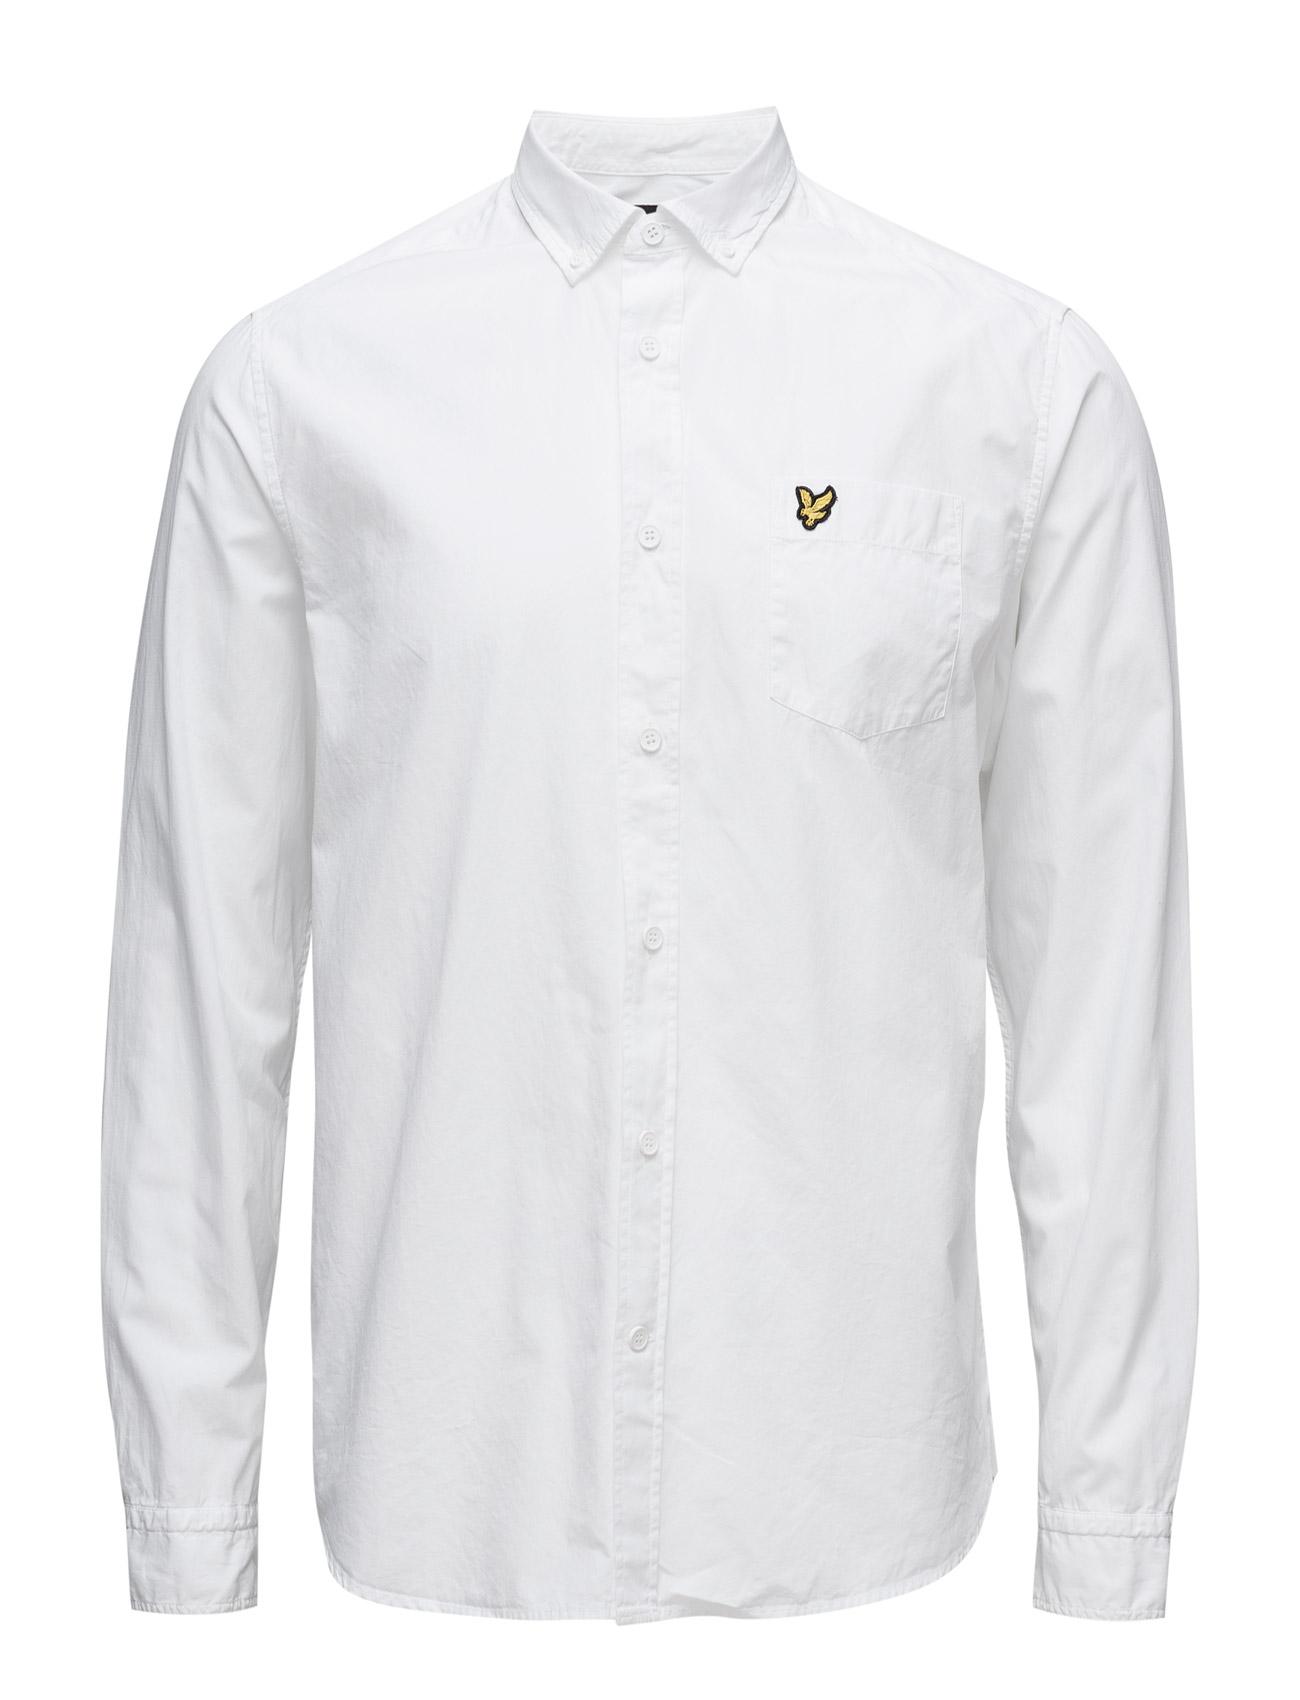 Garment Dye Shirt Lyle & Scott Casual sko til Herrer i hvid